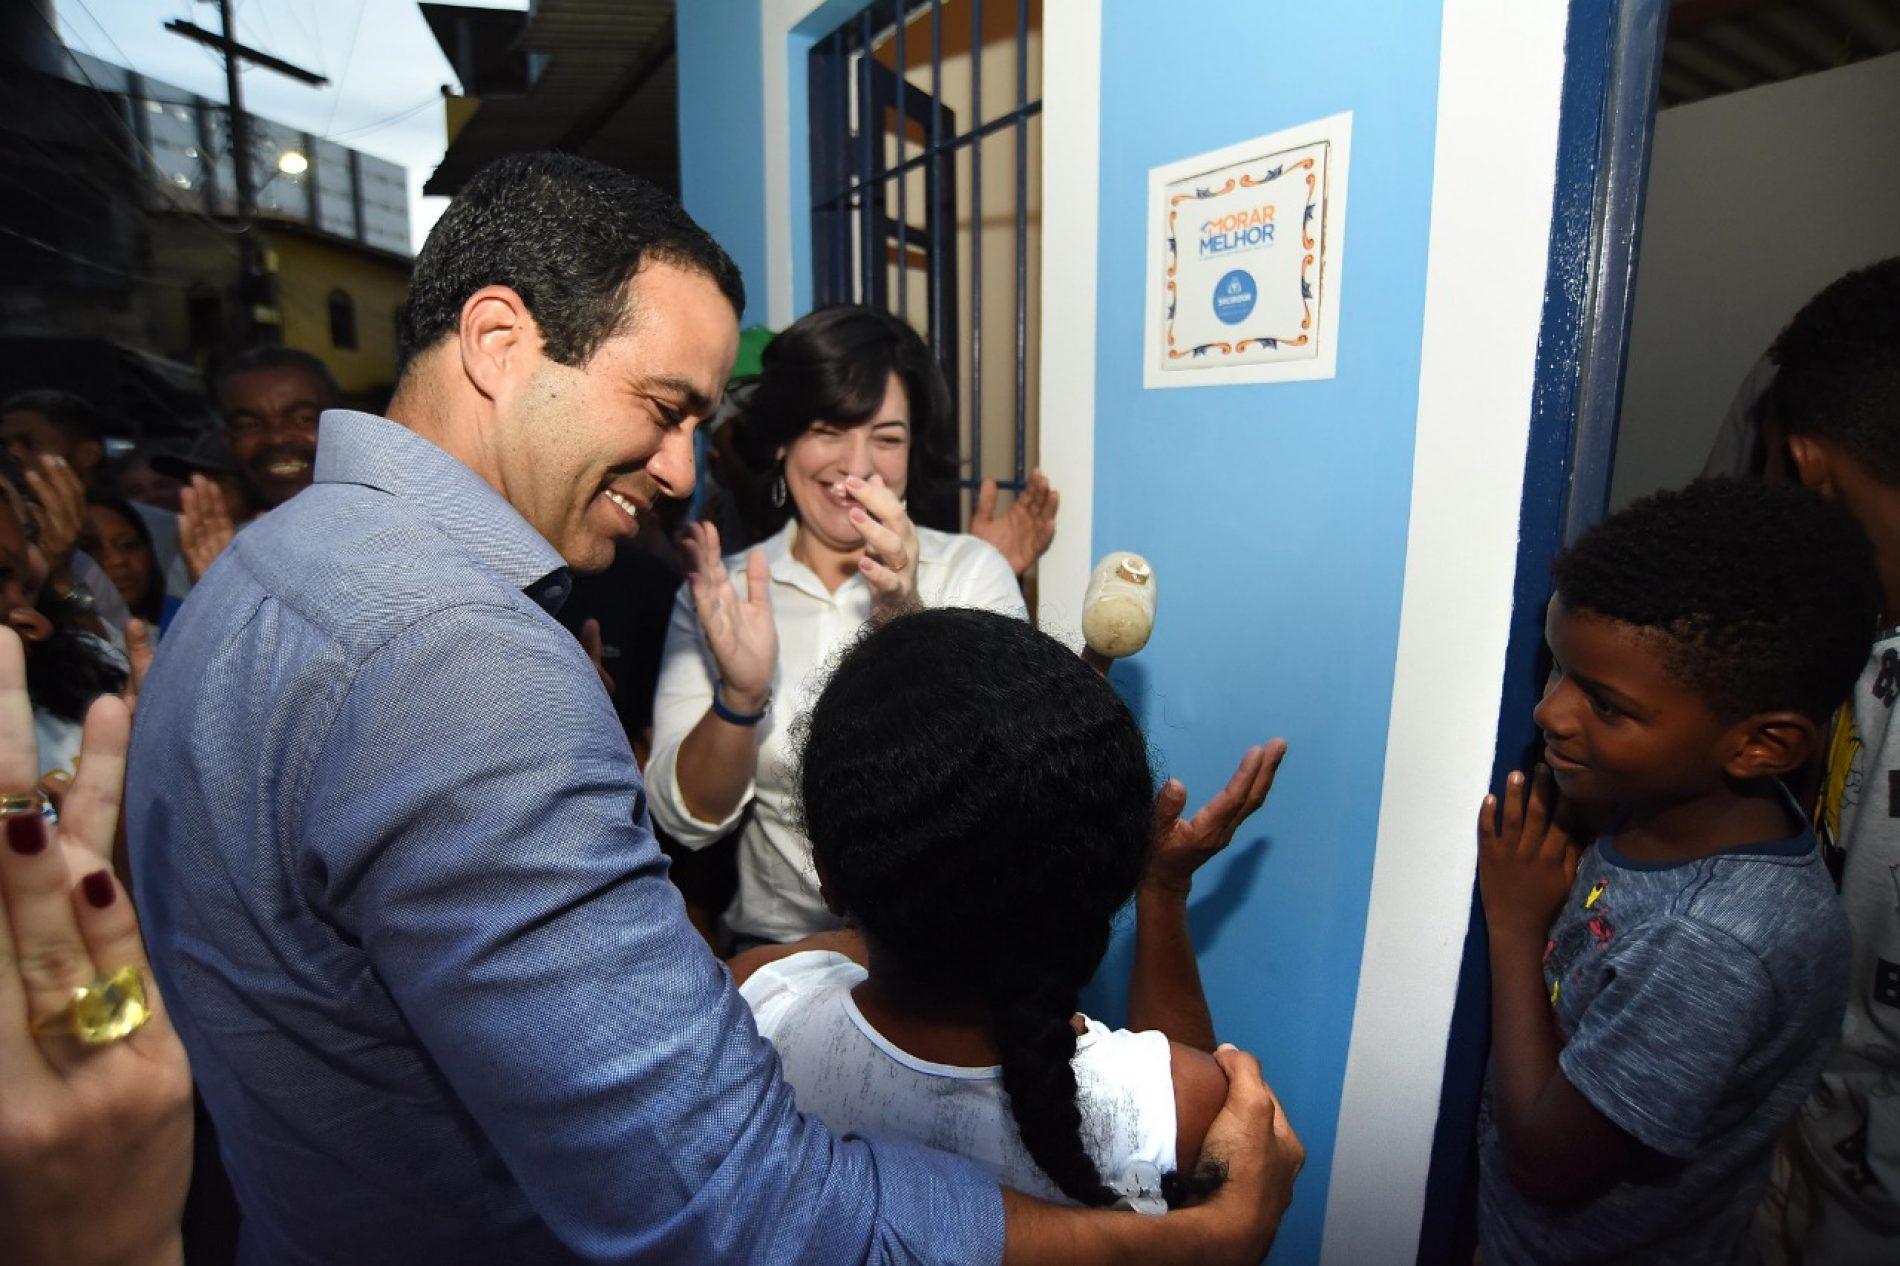 Bruno Reis inaugura obras e anuncia Morar Melhor no Buraco da Gia para 200 famílias